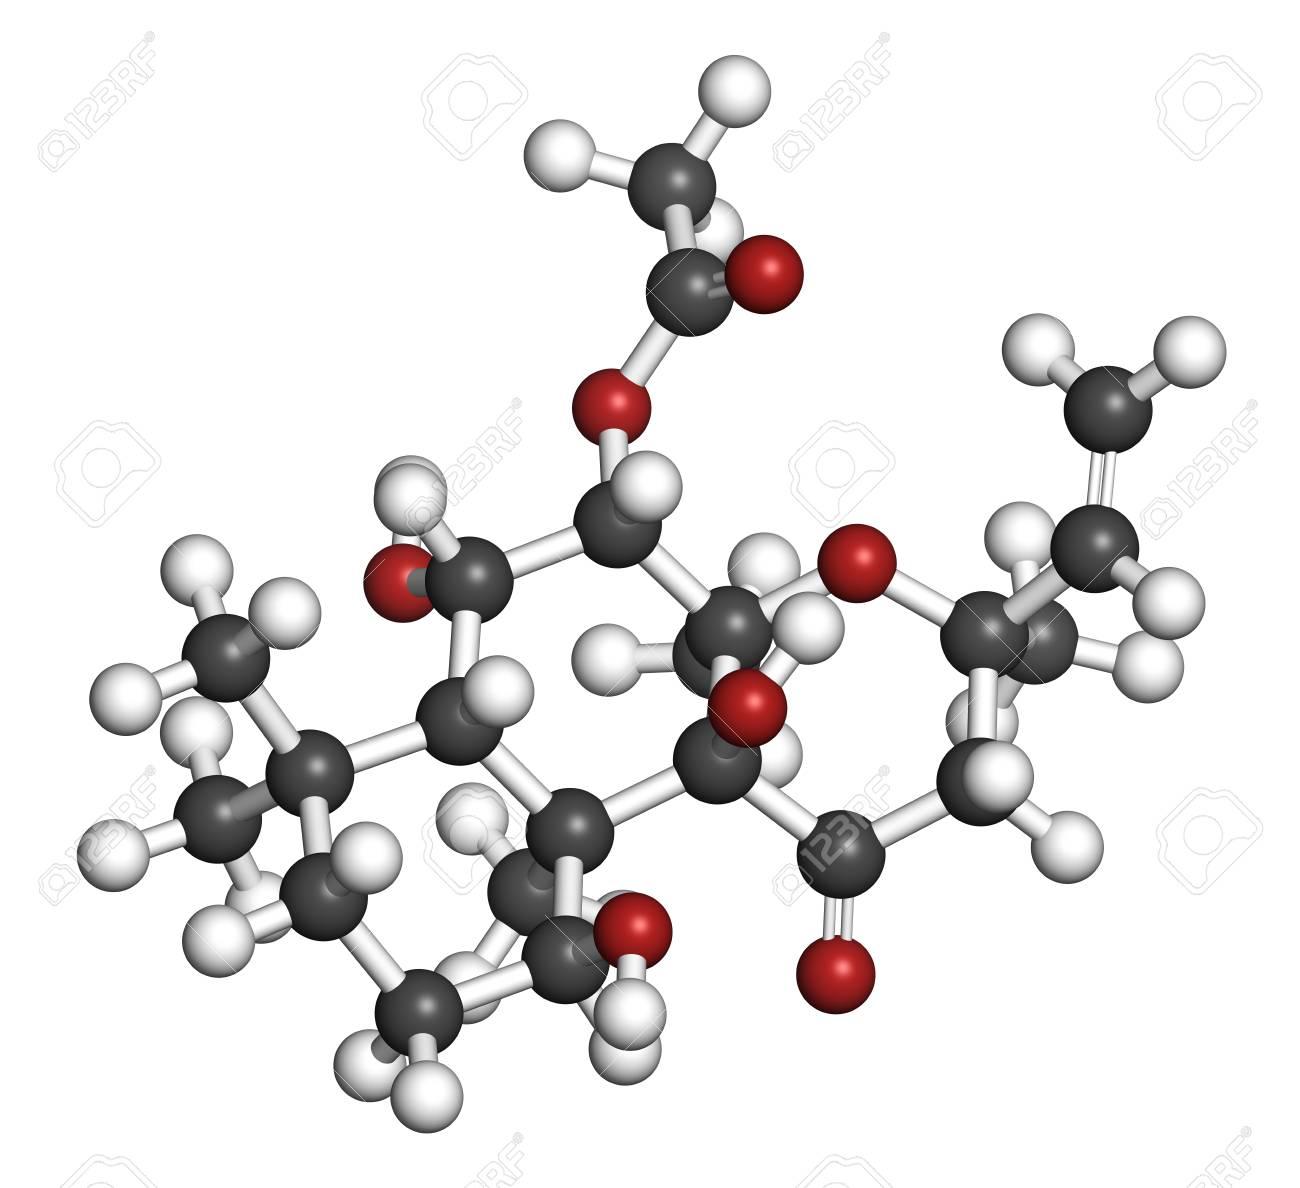 フォルスコリン (coleonol) 分子...